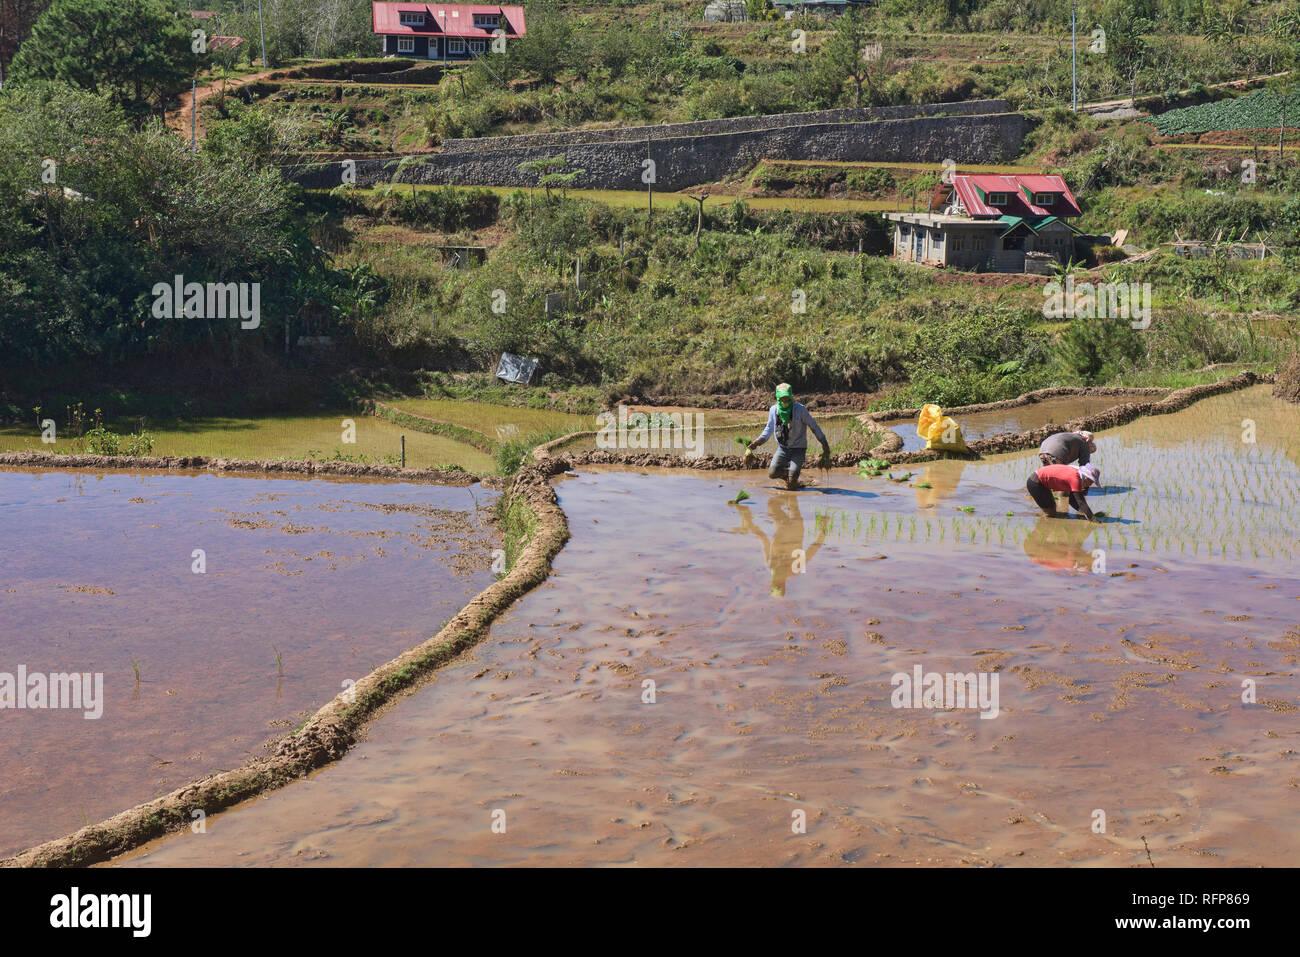 El cultivo de arroz en la aldea Fidelisan Sagada, provincia de Montaña, Filipinas Foto de stock